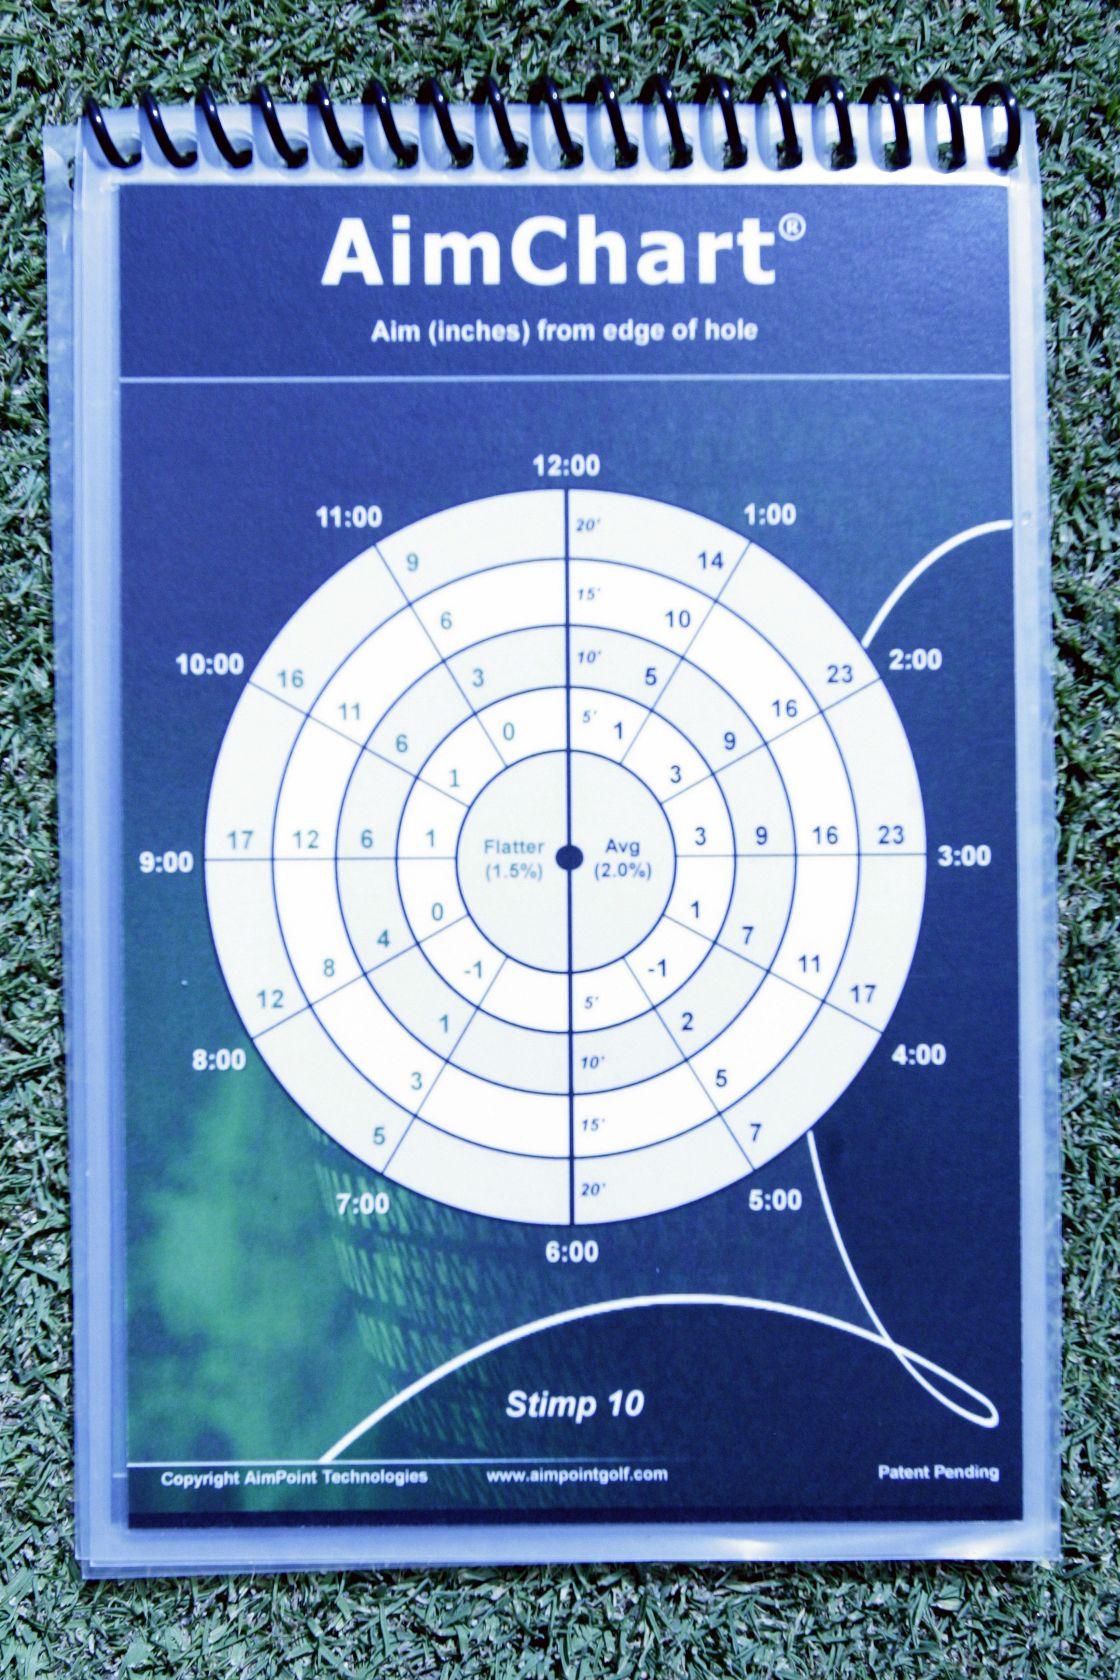 aimpoint golf aim chart